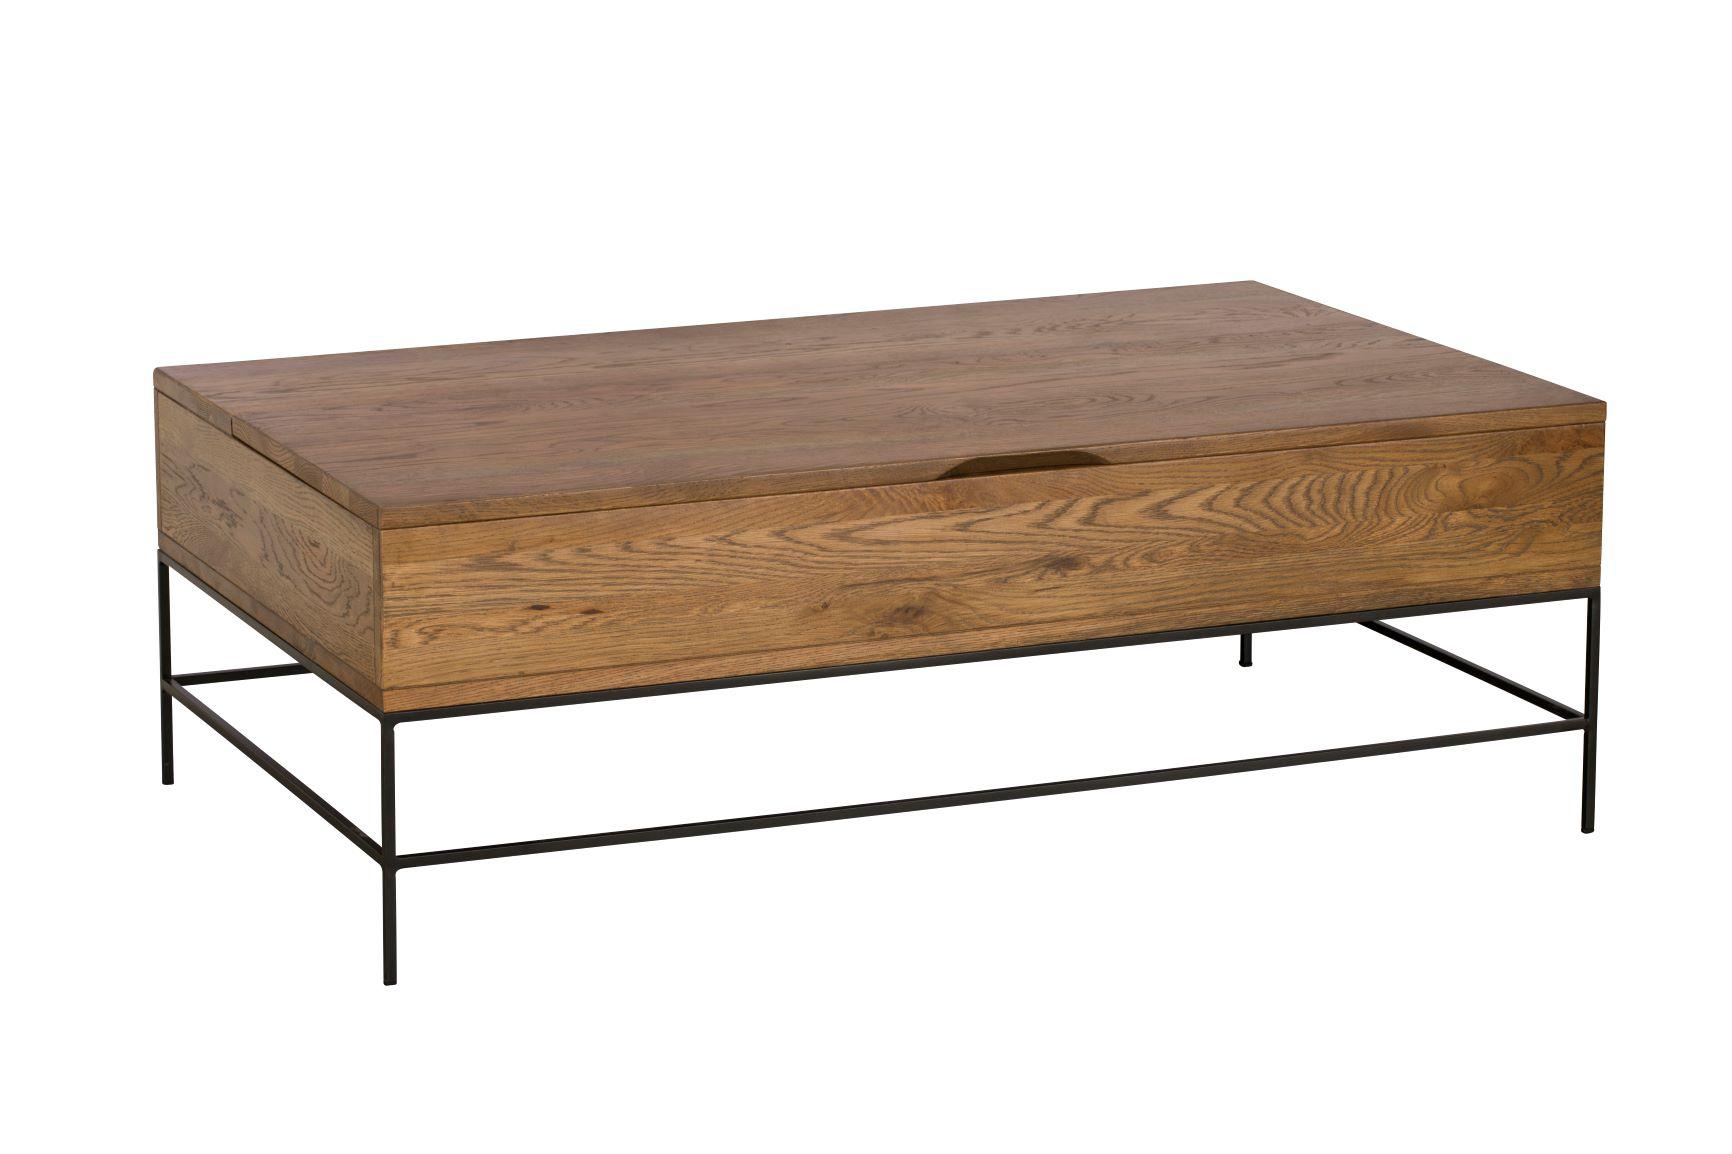 CARTER COFFEE TABLE - L122cm x D71cm x H42.5cm